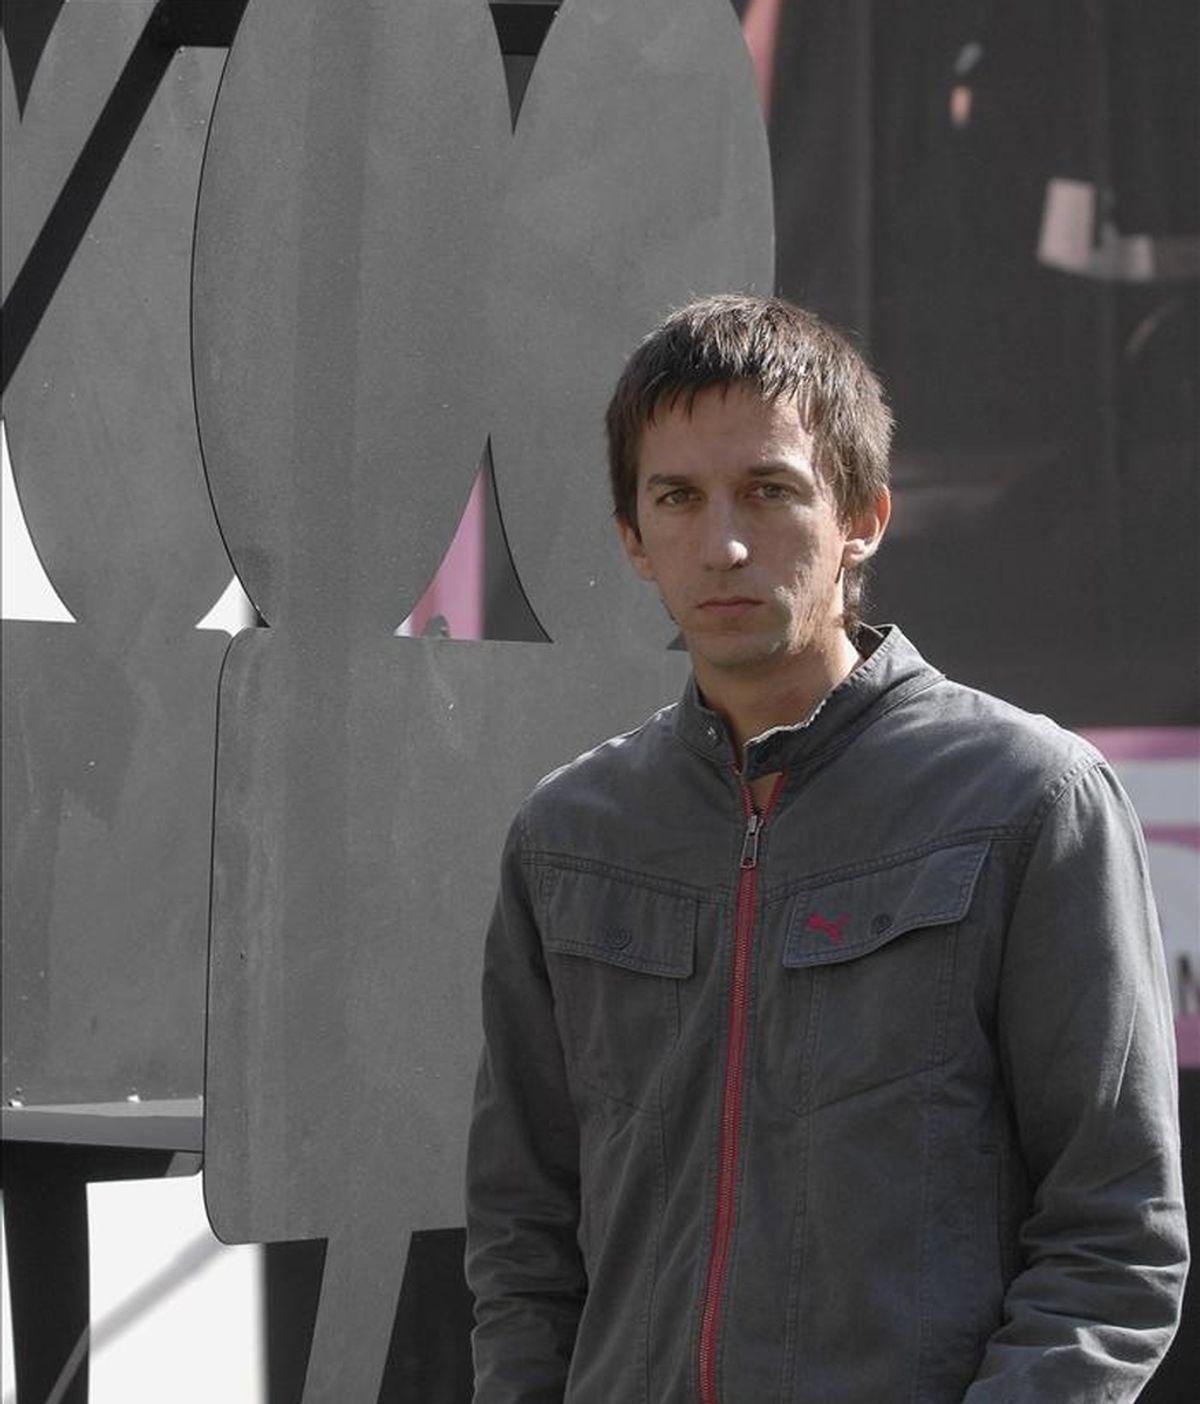 """El cineasta chileno Matias Bize, de 31 años, recordó que es la segunda vez que estará en la competencia de los Goya, donde su película """"En la cama"""" fue candidata en 2007. EFE/Archivo"""